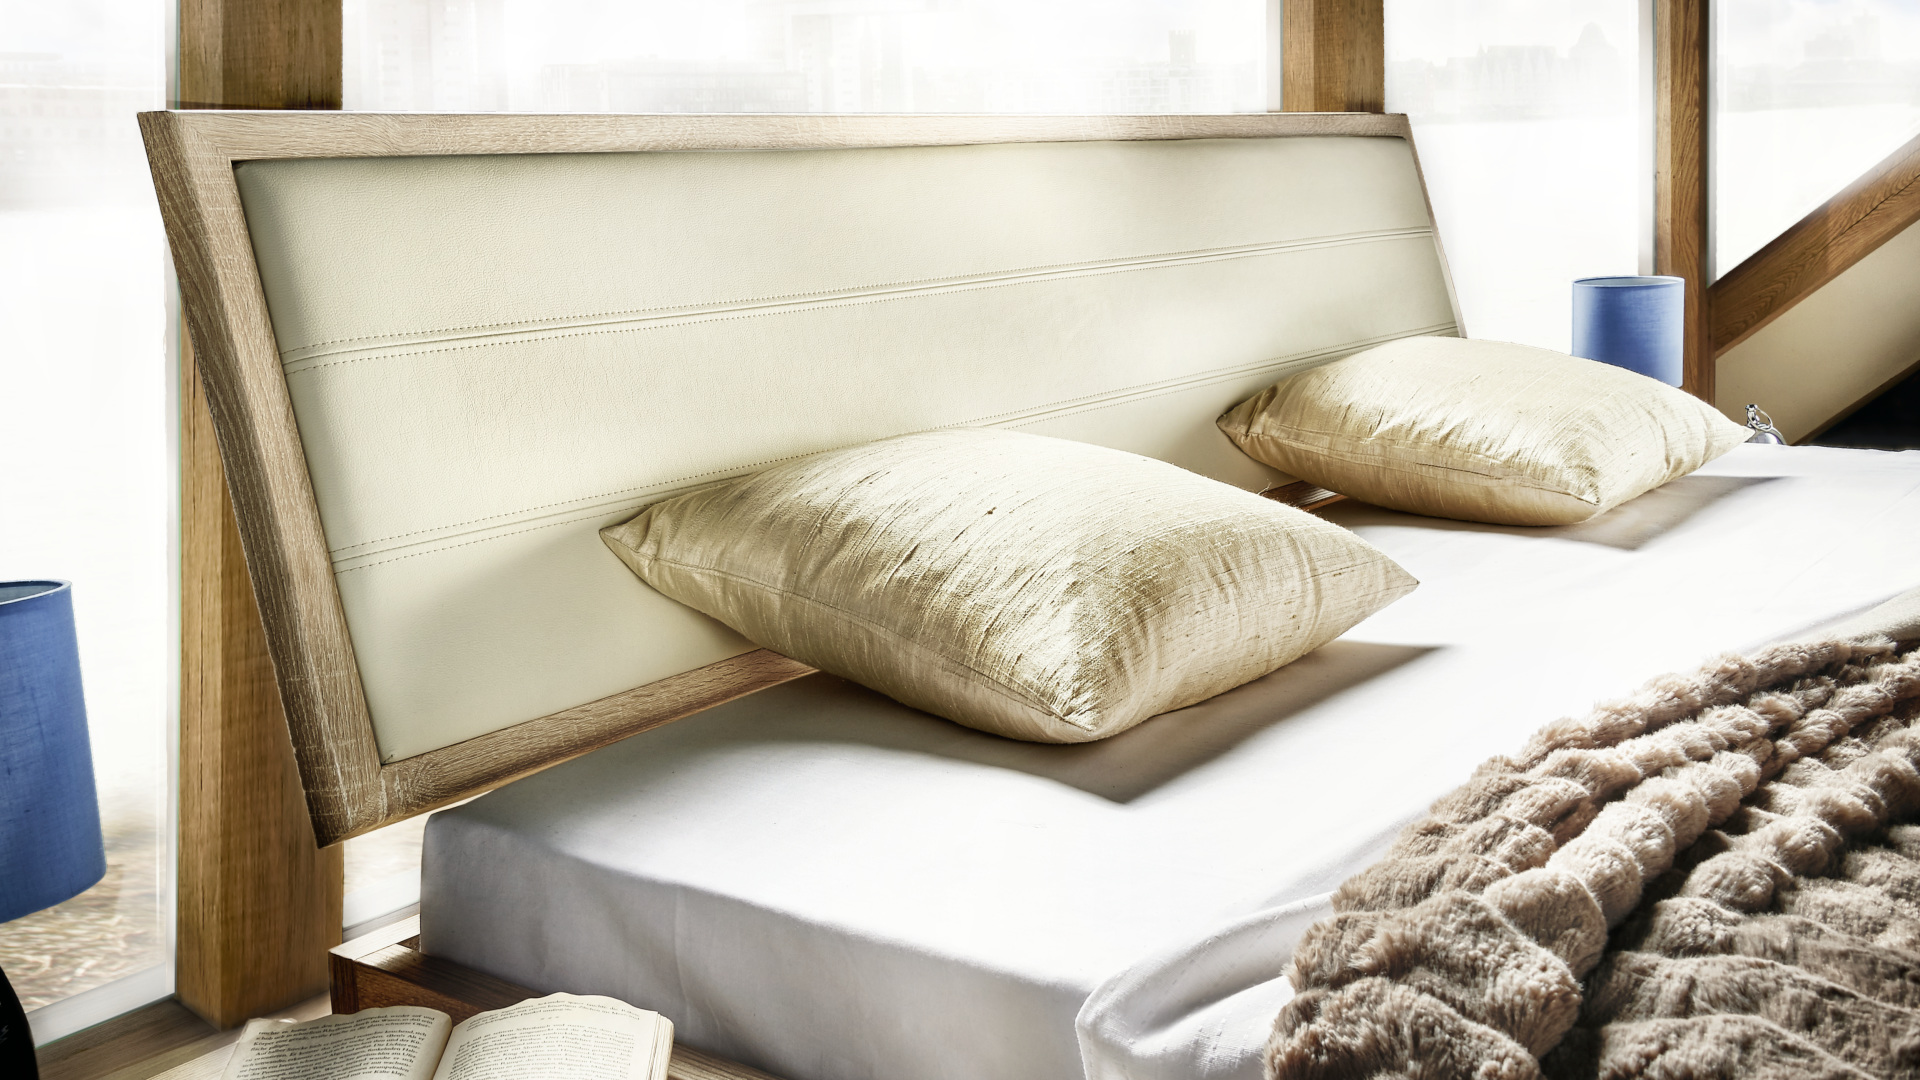 ekskluzywne łóżko niemieckiej firmy nolte